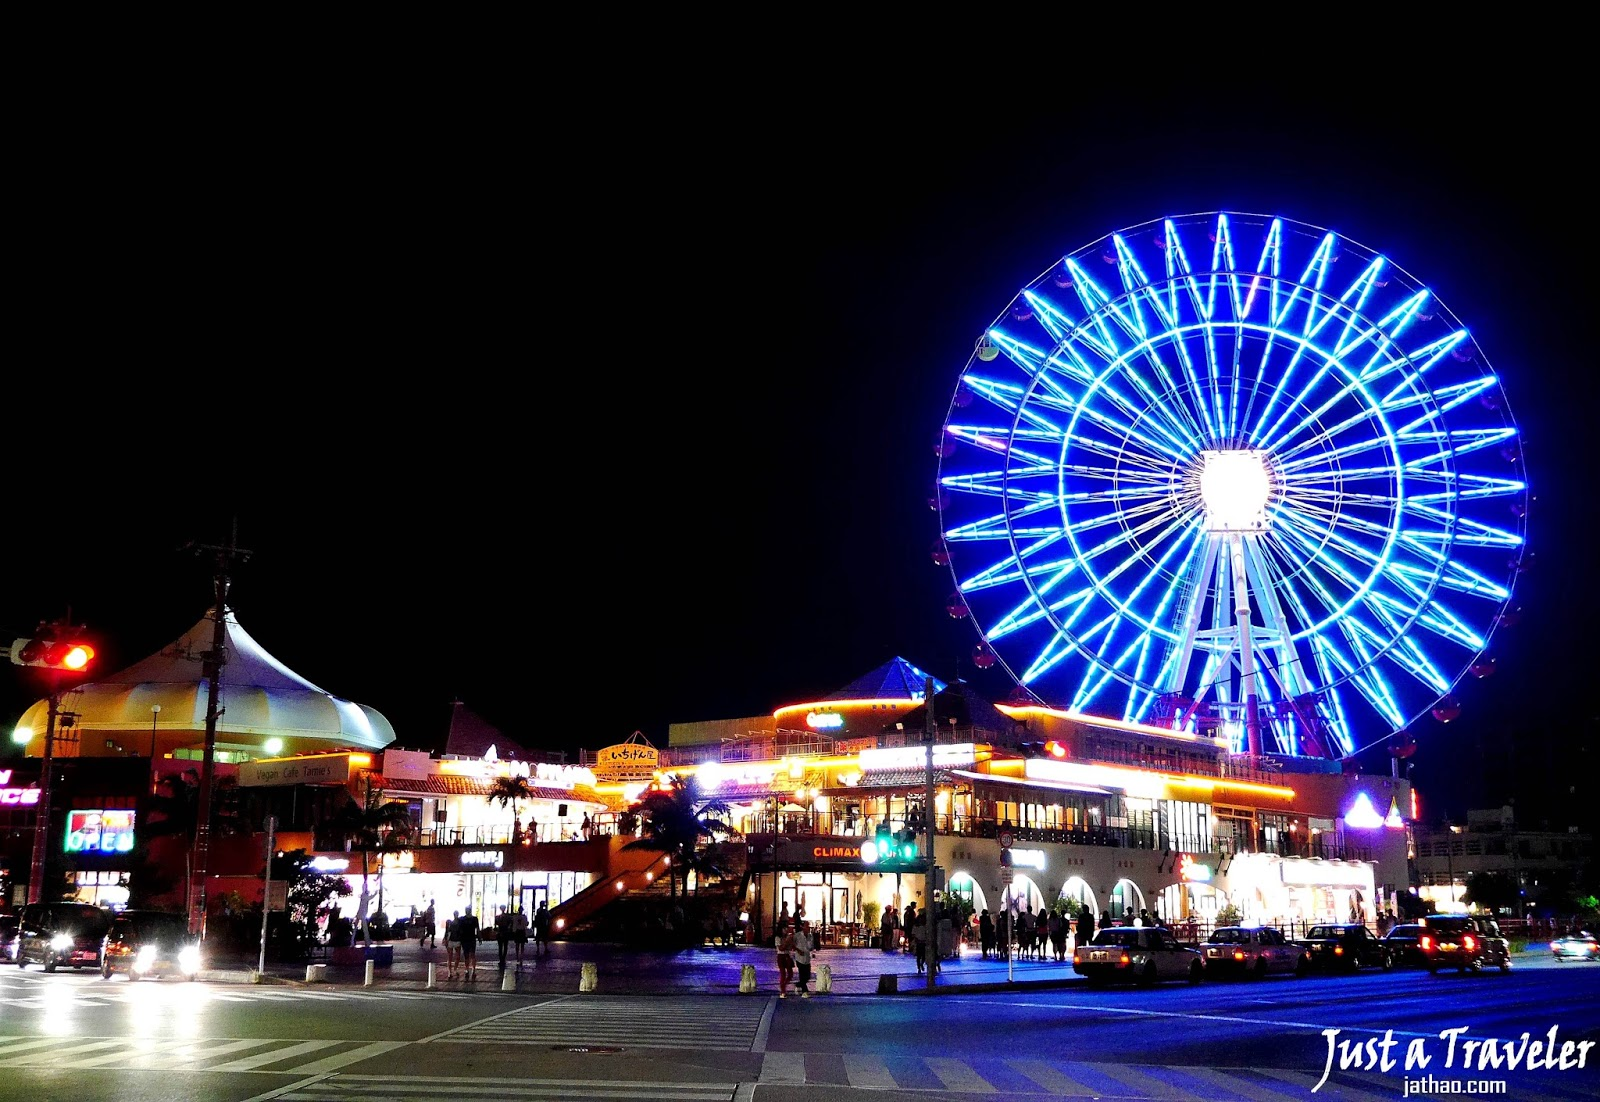 沖繩-沖繩景點-推薦-美國村-摩天輪-逛街-購物-沖繩自由行景點-沖繩觀光-沖繩旅遊-沖繩中部景點-Okinawa-attraction-American-Village-Toruist-destination